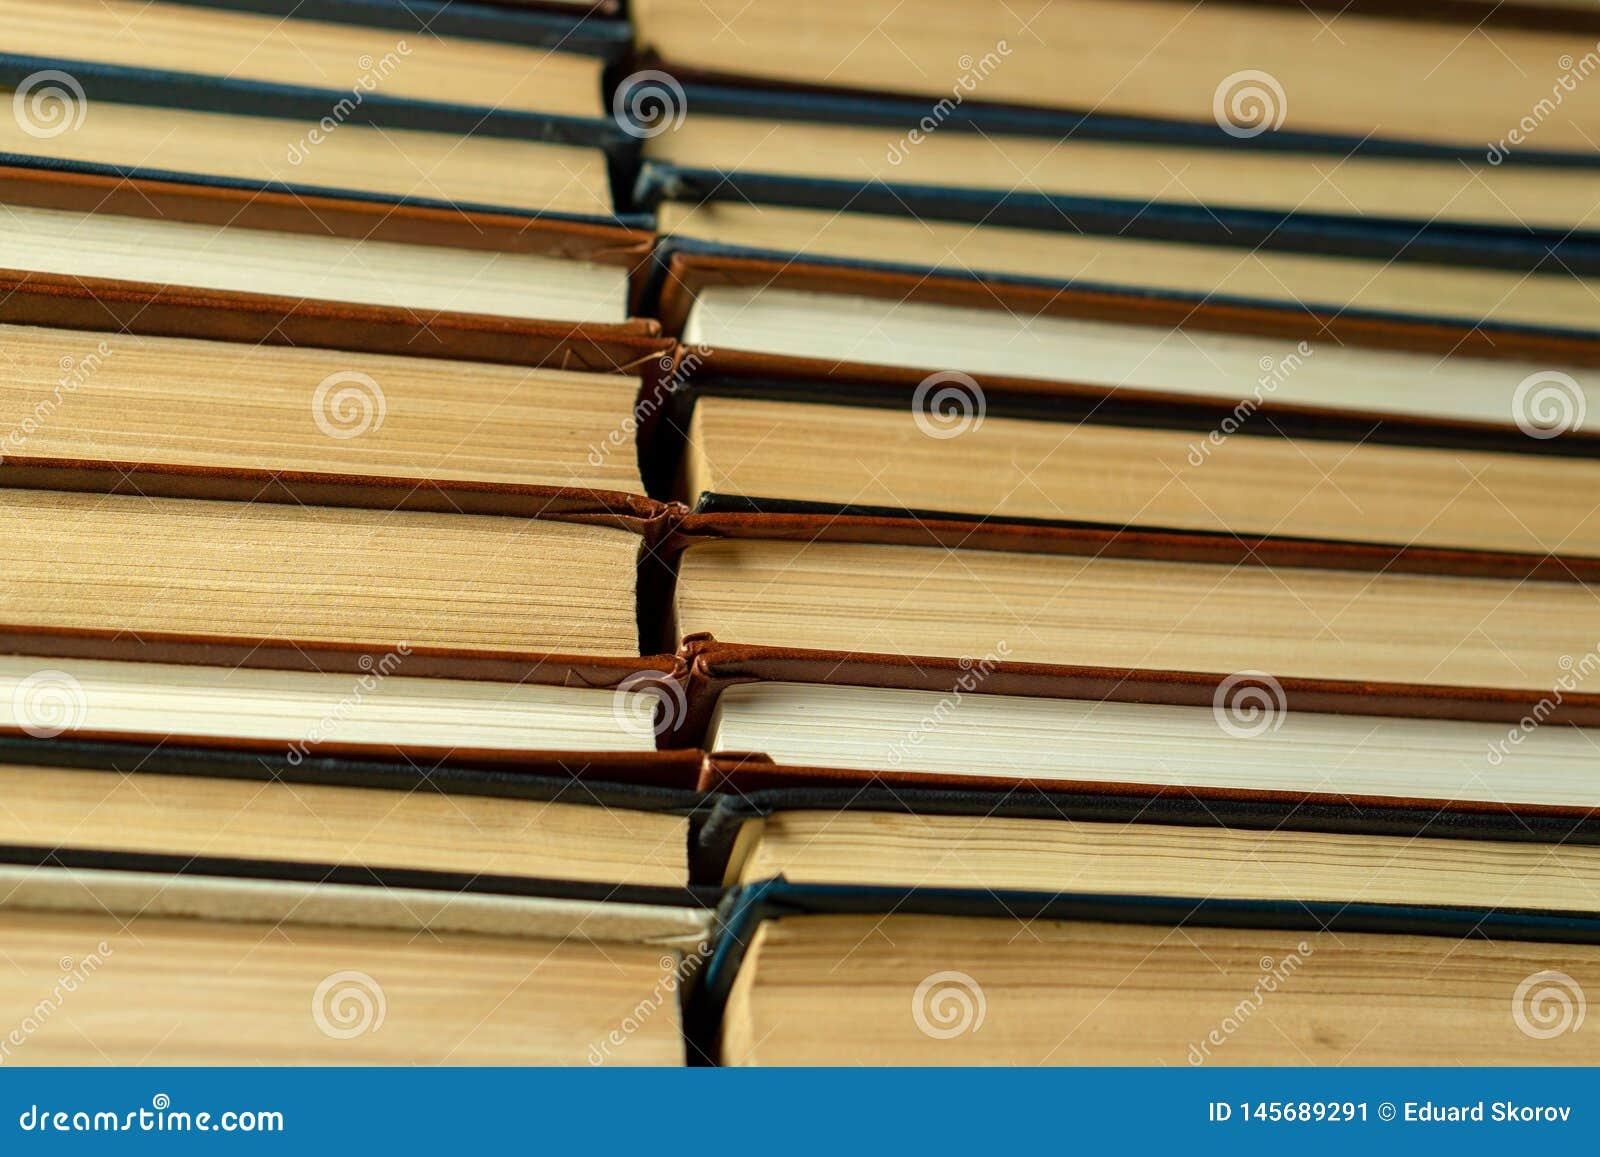 Vieux livres de papier avec les pages jaunies étroitement